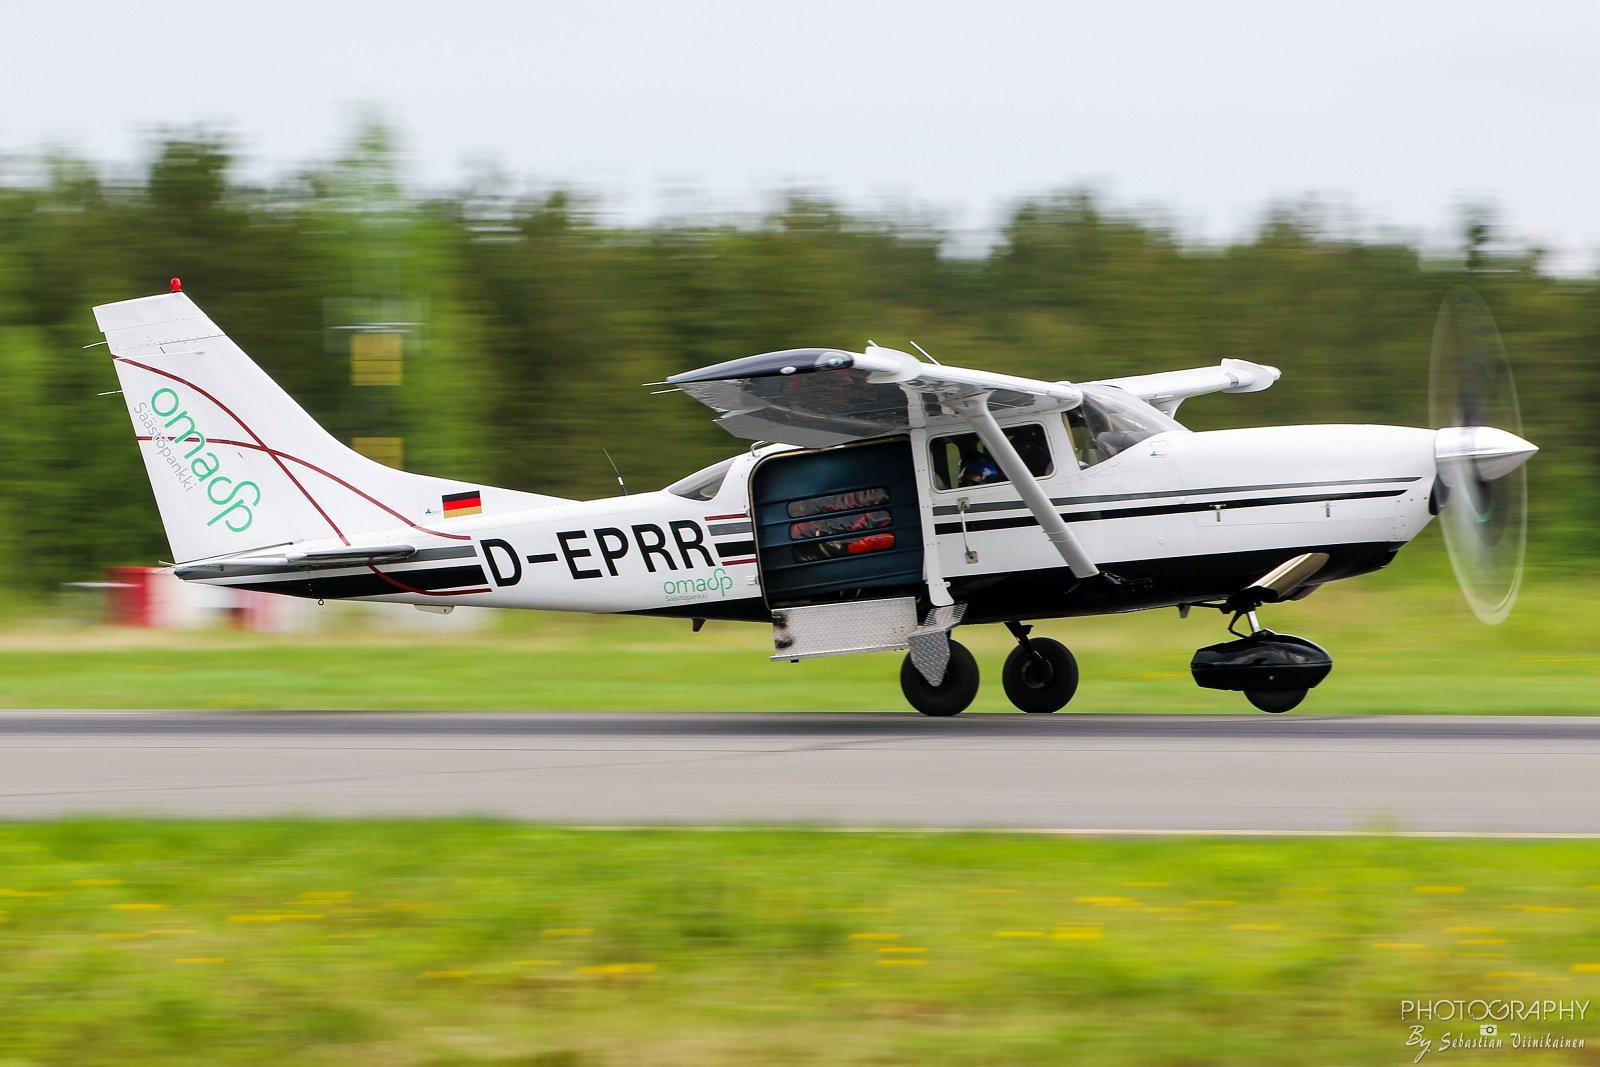 D-EPRR Alavuden Ilmailukerho Cessna T206H Turbine Powered Mark II Jump Master 11.6.